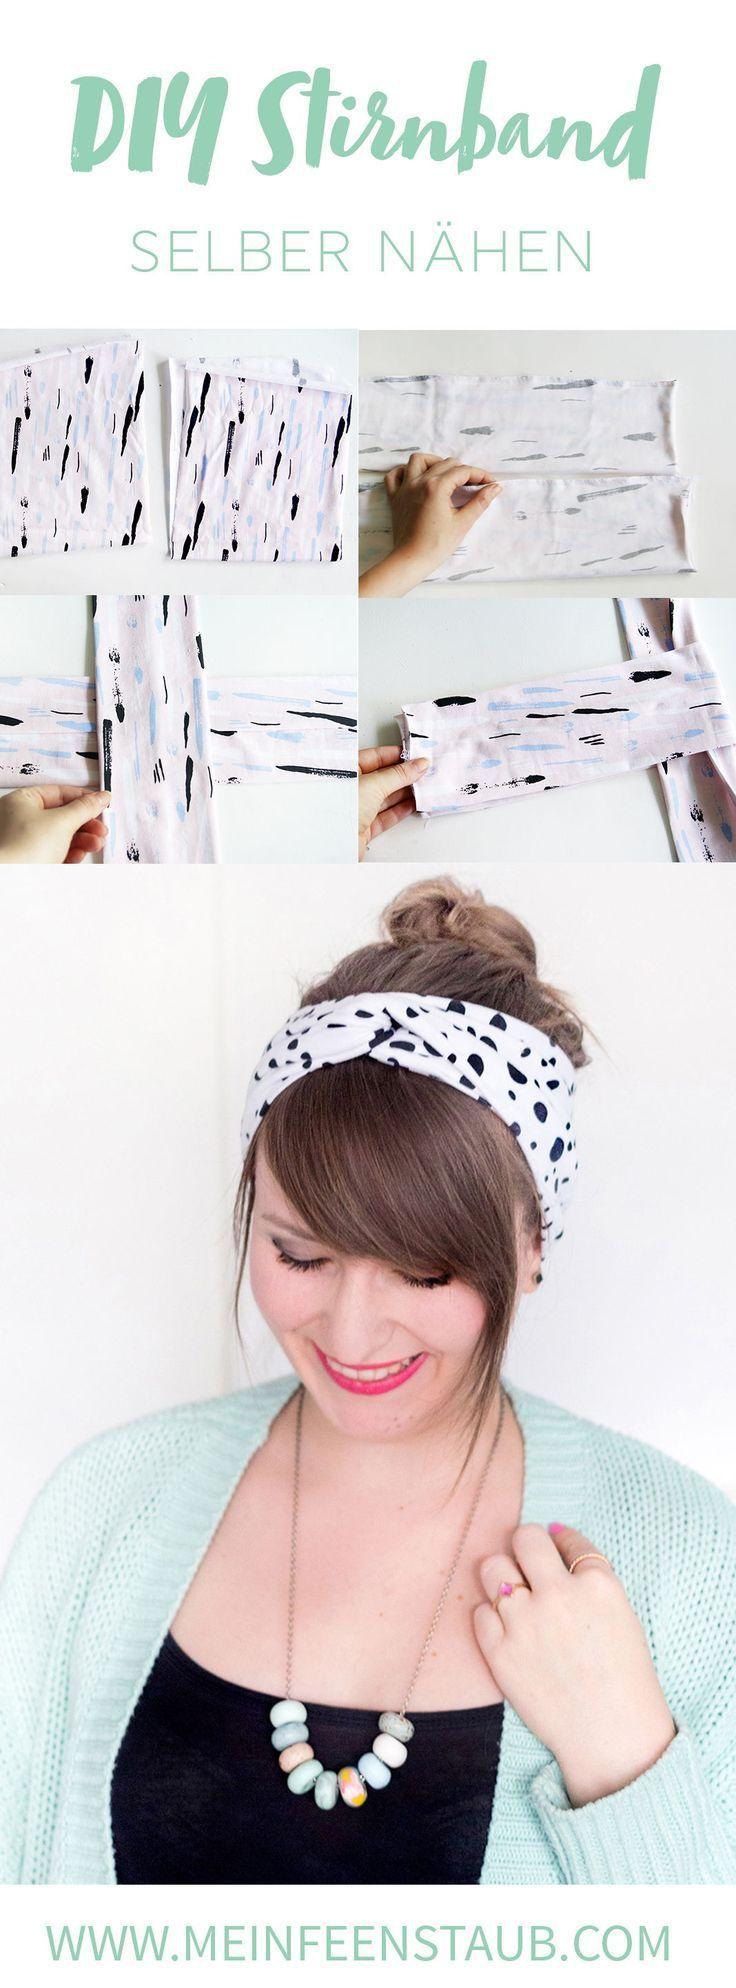 Kreative DIY-Idee zum Selbermachen: Einfaches Turban-Stirnband oder Turban-Haarband nähen - aus